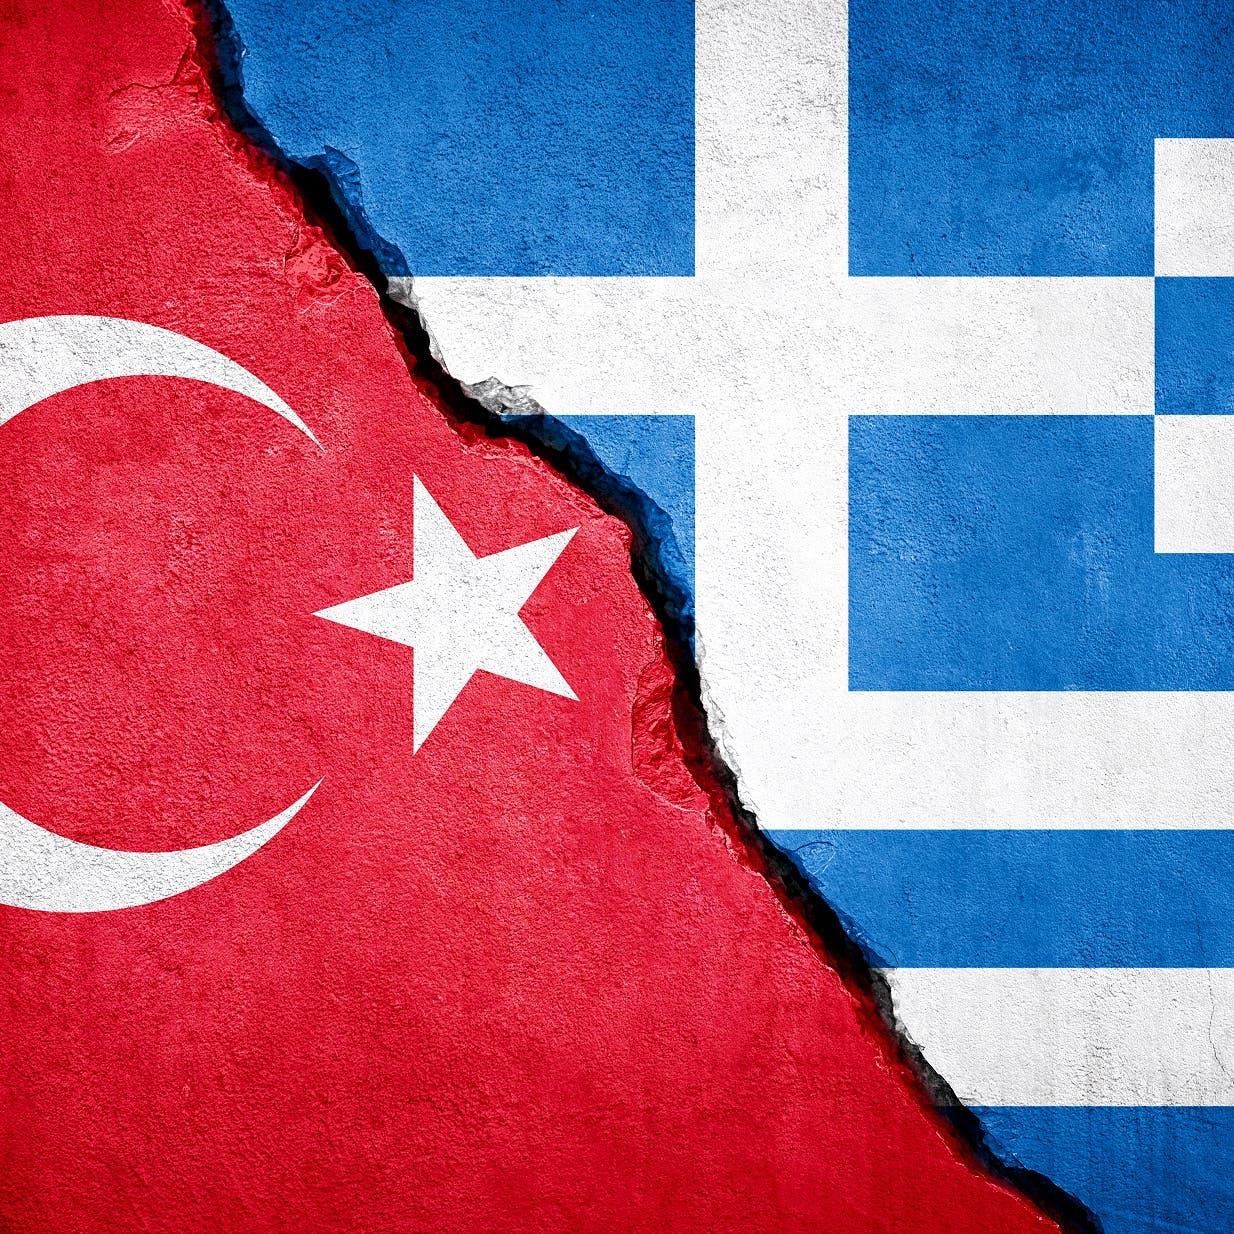 اعتراض مقاتلتين تركيتين إف 16 اخترقتا أجواء اليونان